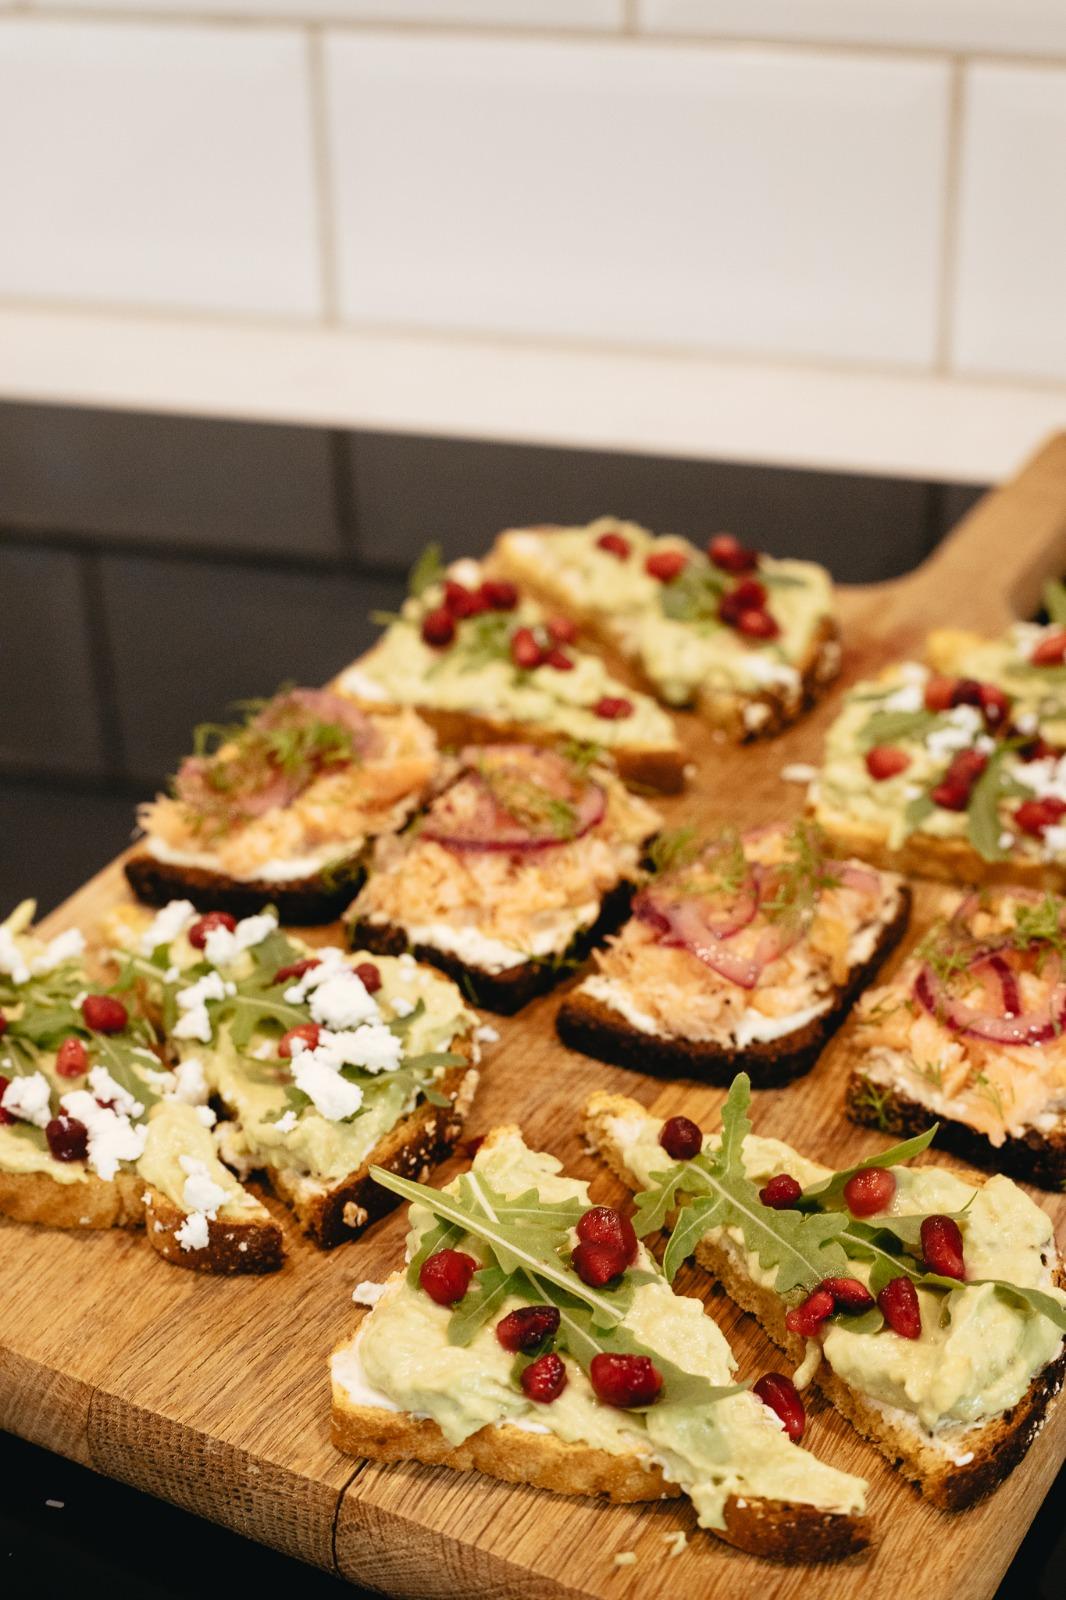 Pienet voileivät ovat nopea ja ruokaisa tarjottava juhliin. Avokadoleipä on hyvä vaihtoehto, sillä se sopii myös kasvissyöjille.